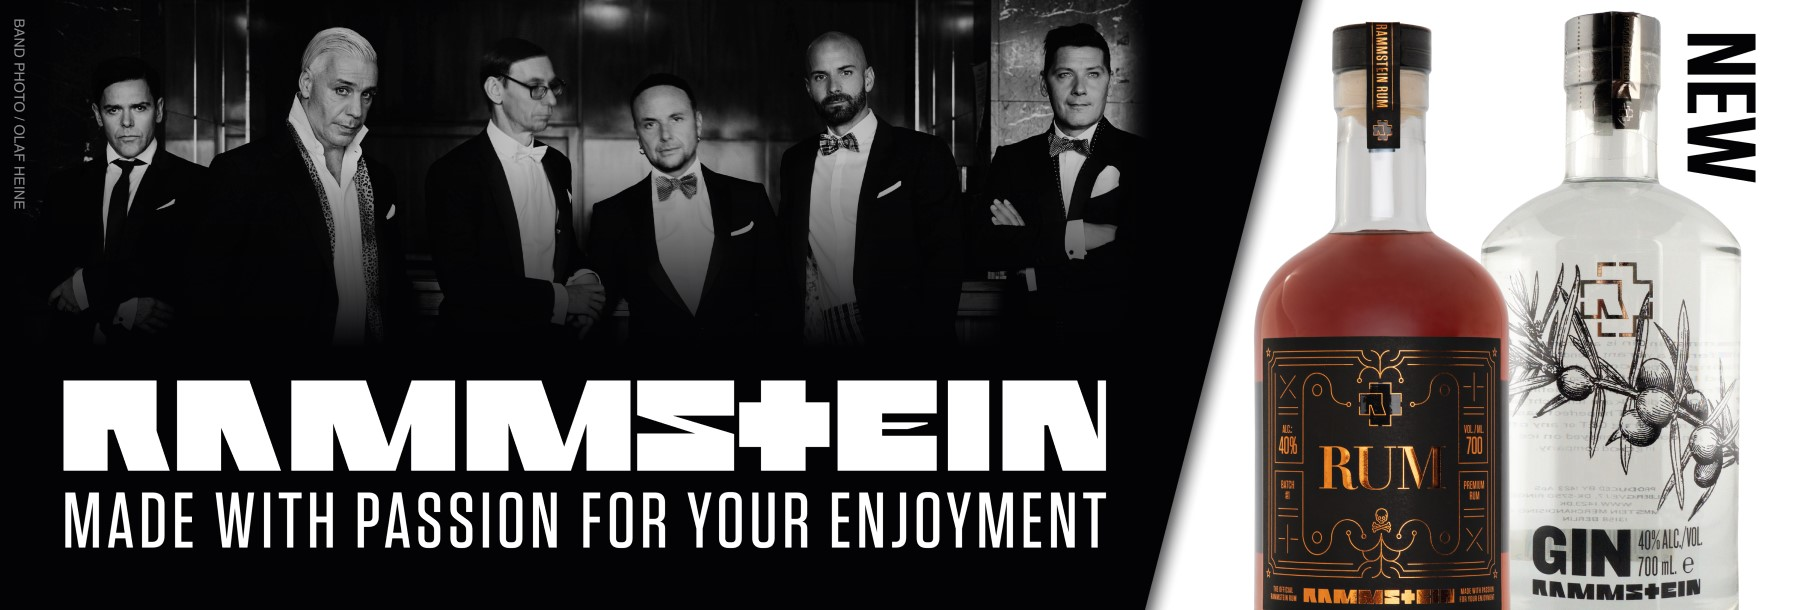 Rammstein Rum Rammstein Gin official band rum gin